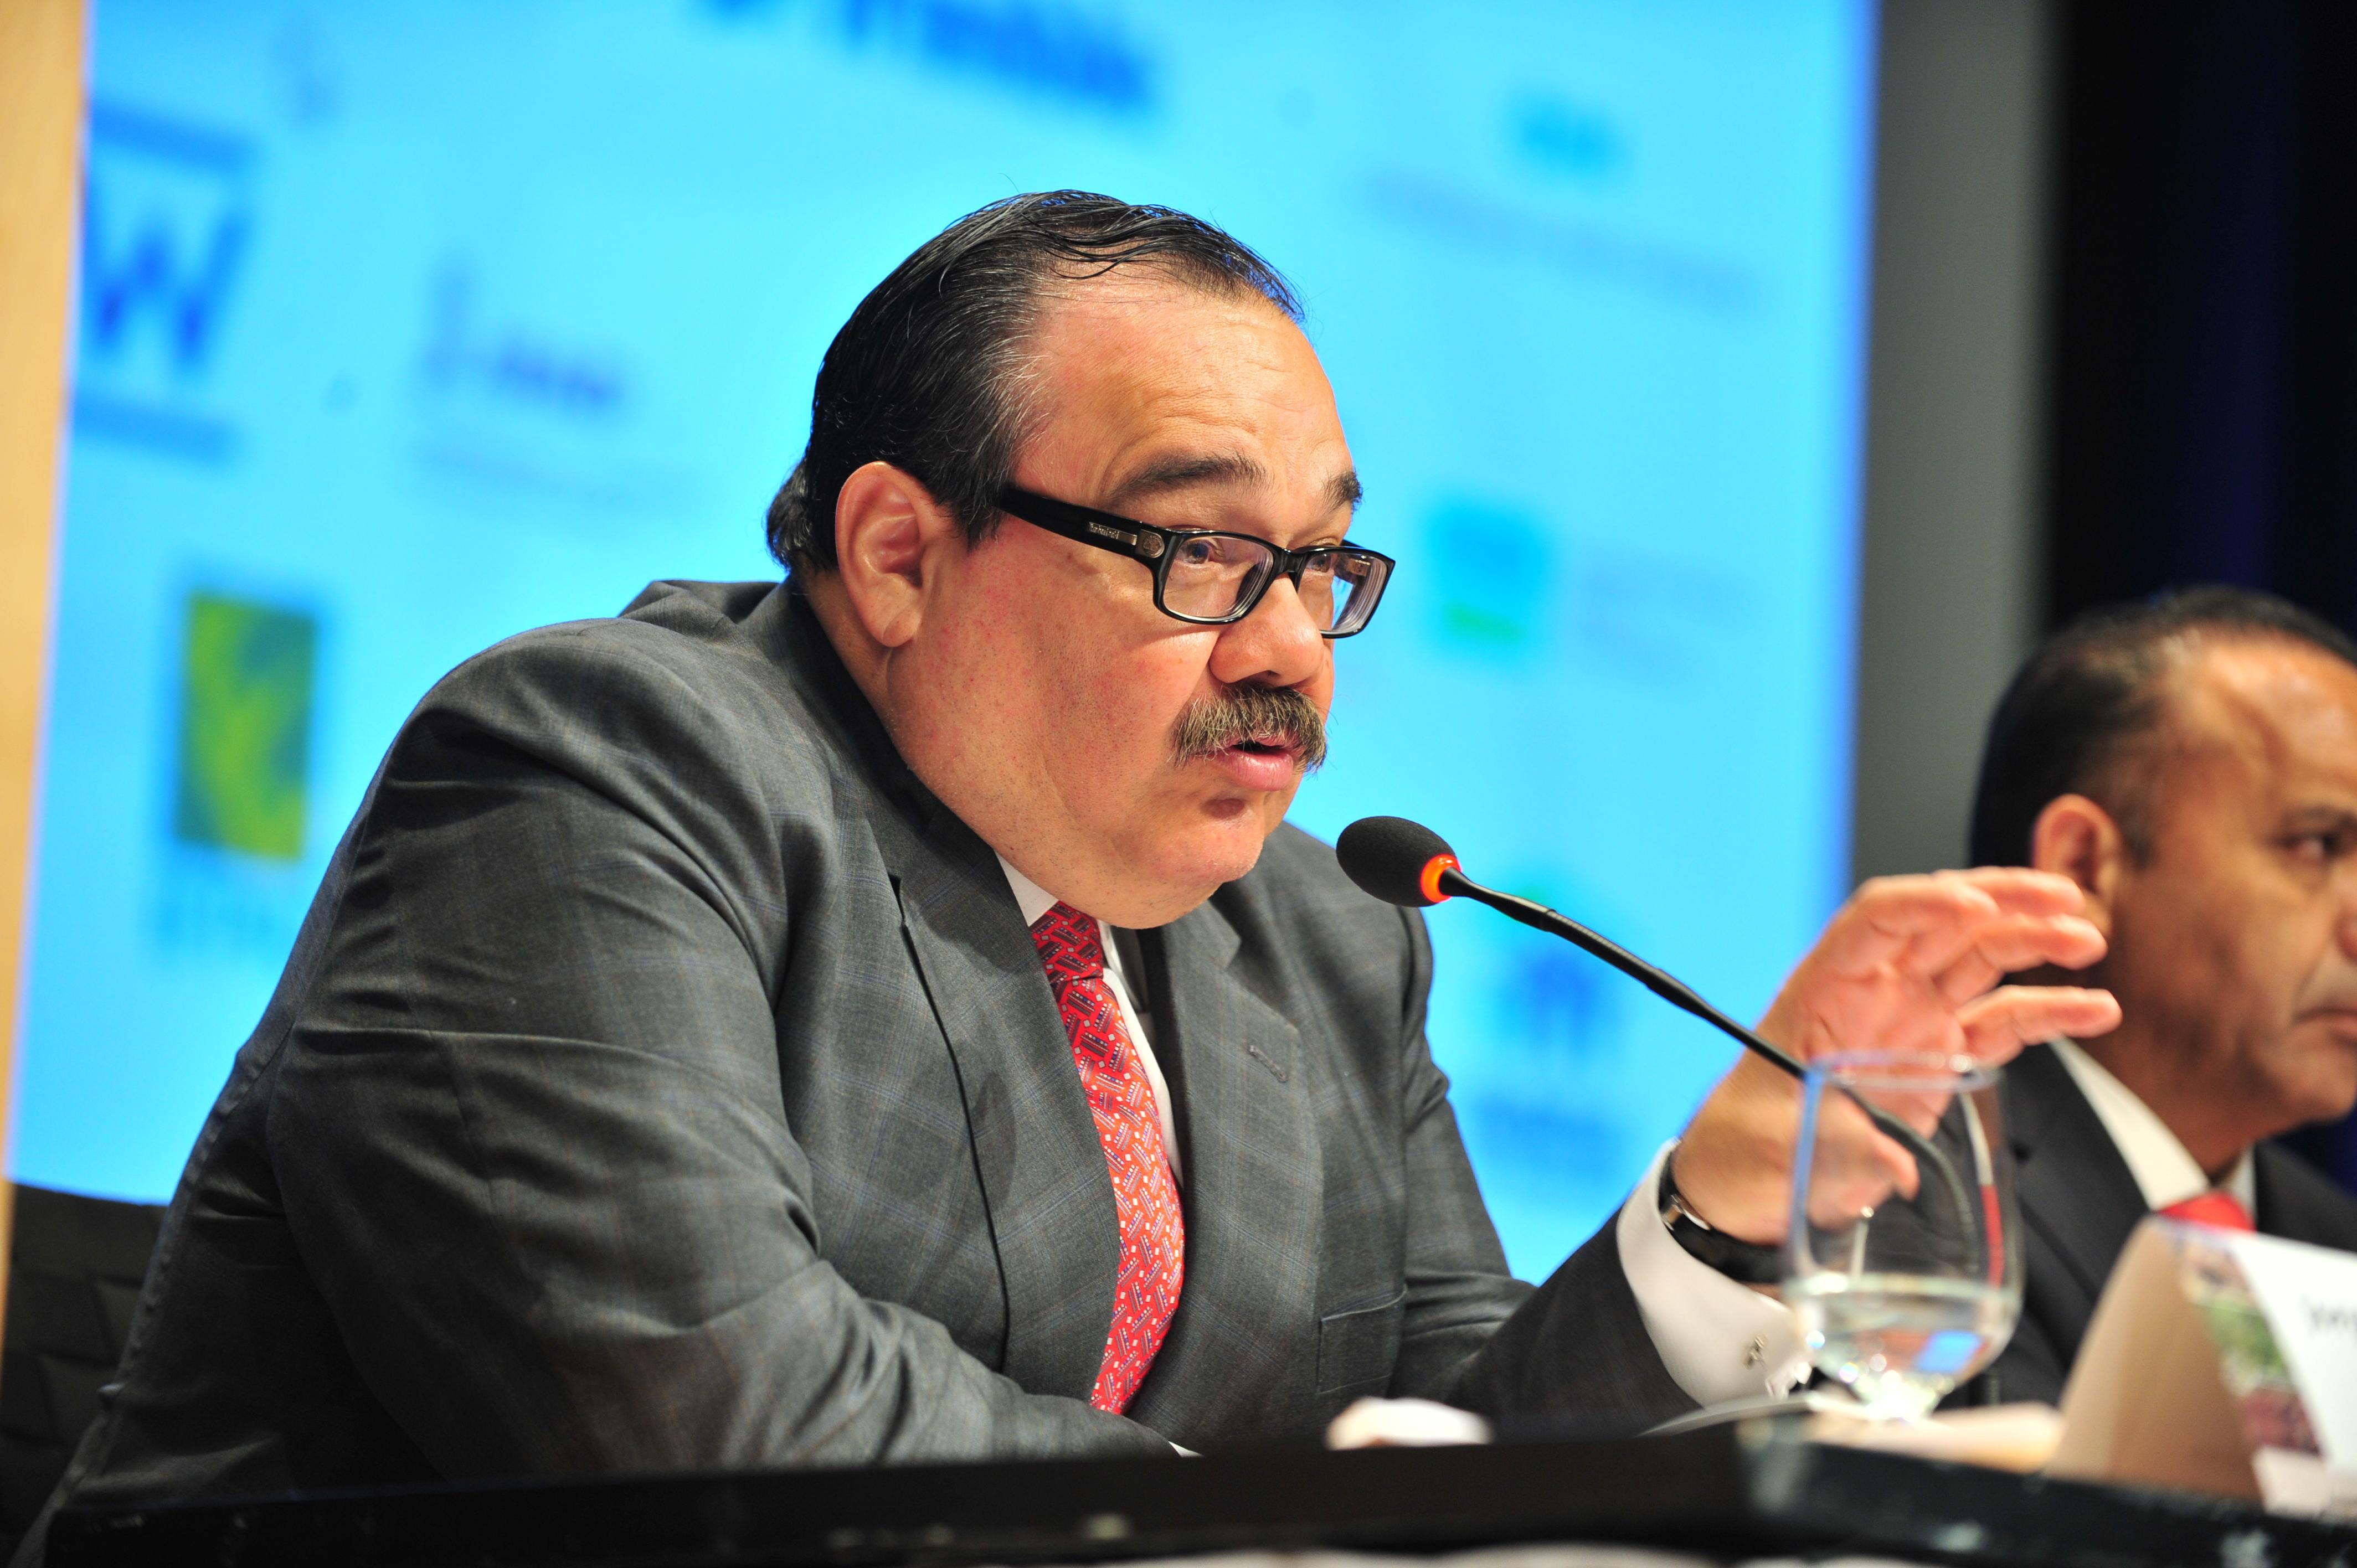 El titular de la Secretaría de Desarrollo Agrario, Territorial y Urbano (SEDATU), Jorge Carlos Ramírez Marín, participó en la Conferencia sobre Tierra y Pobreza organizada por el Banco Mundial, en la ciudad de Washington, Estados Unidos.